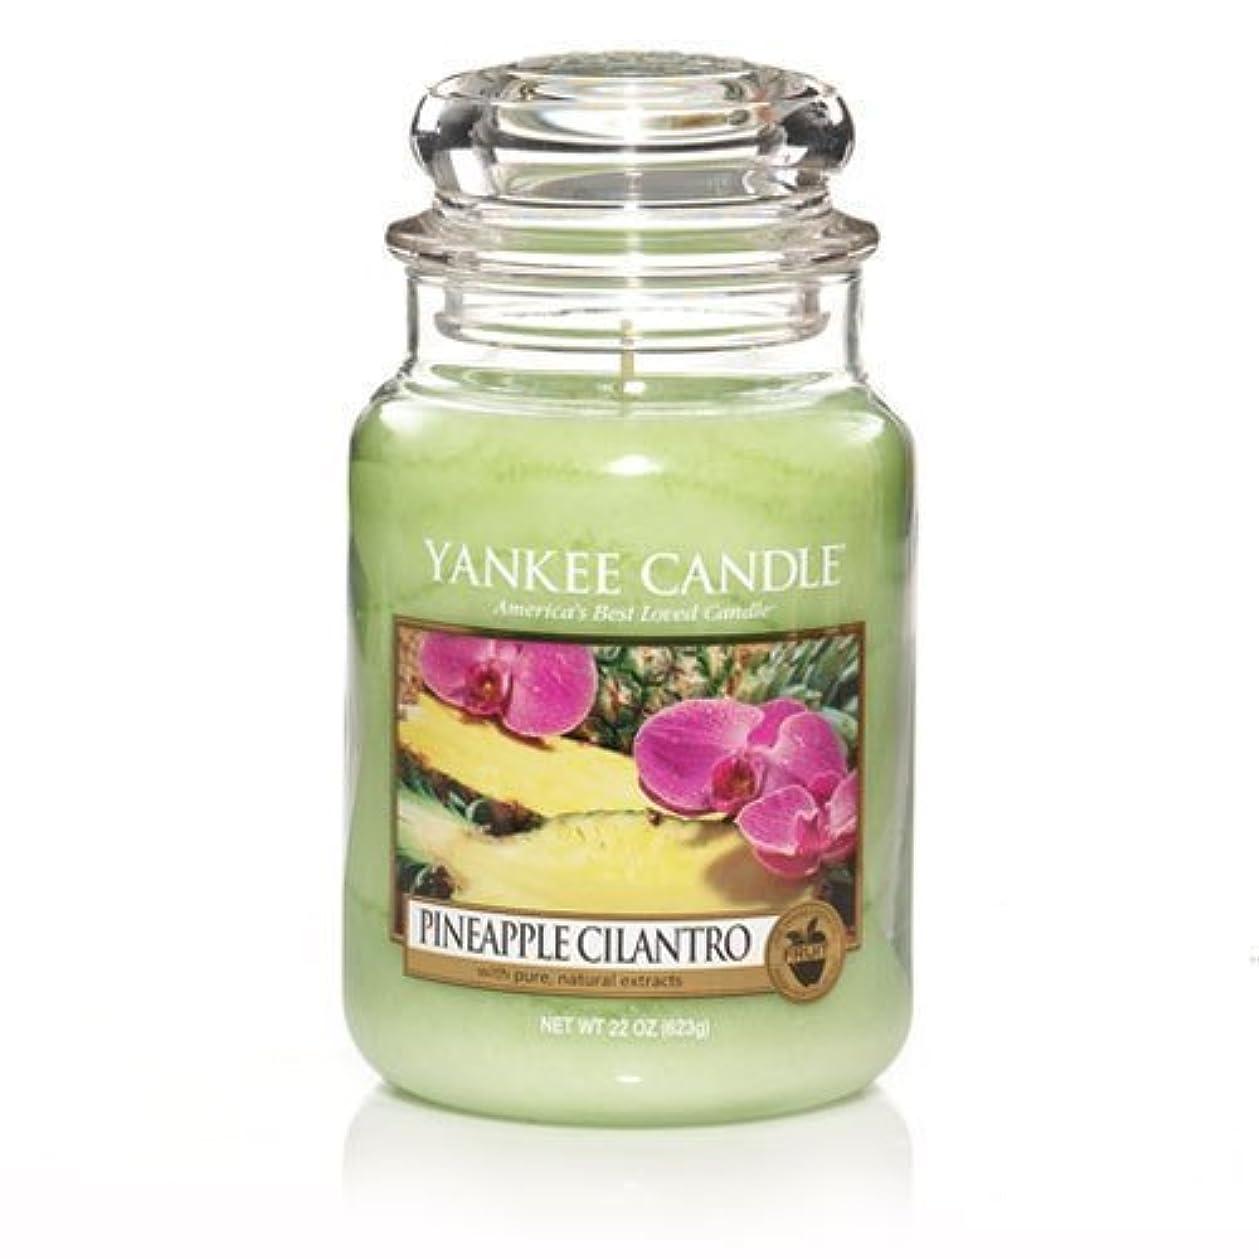 戻るチョップ教育するYankee Candle Pineapple Cilantro Large Jar 22oz Candle by Amazon source [並行輸入品]